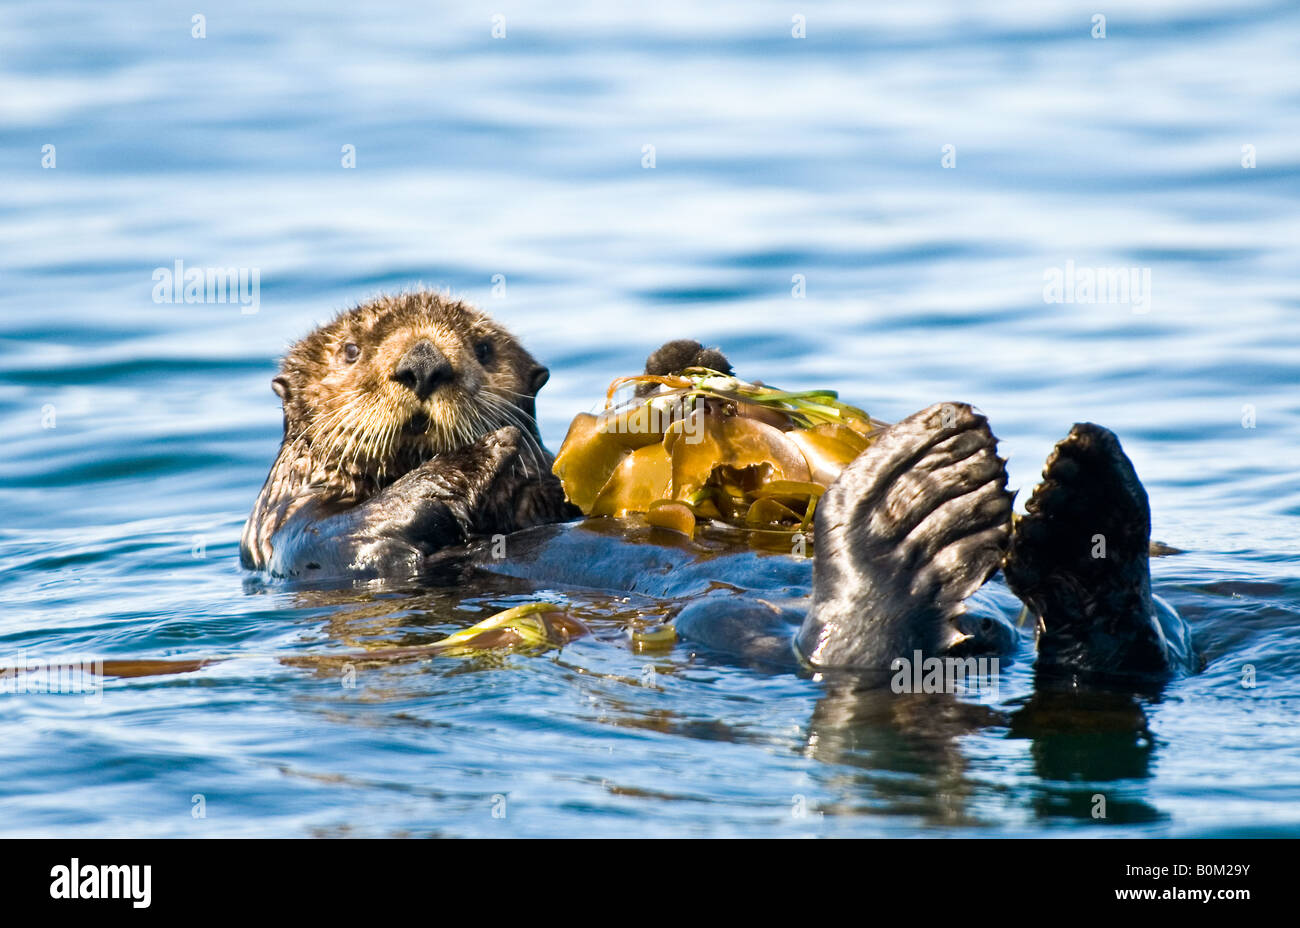 USA Alaska Sea Otter ruht auf Seetang Bett im Ozean Stockfoto